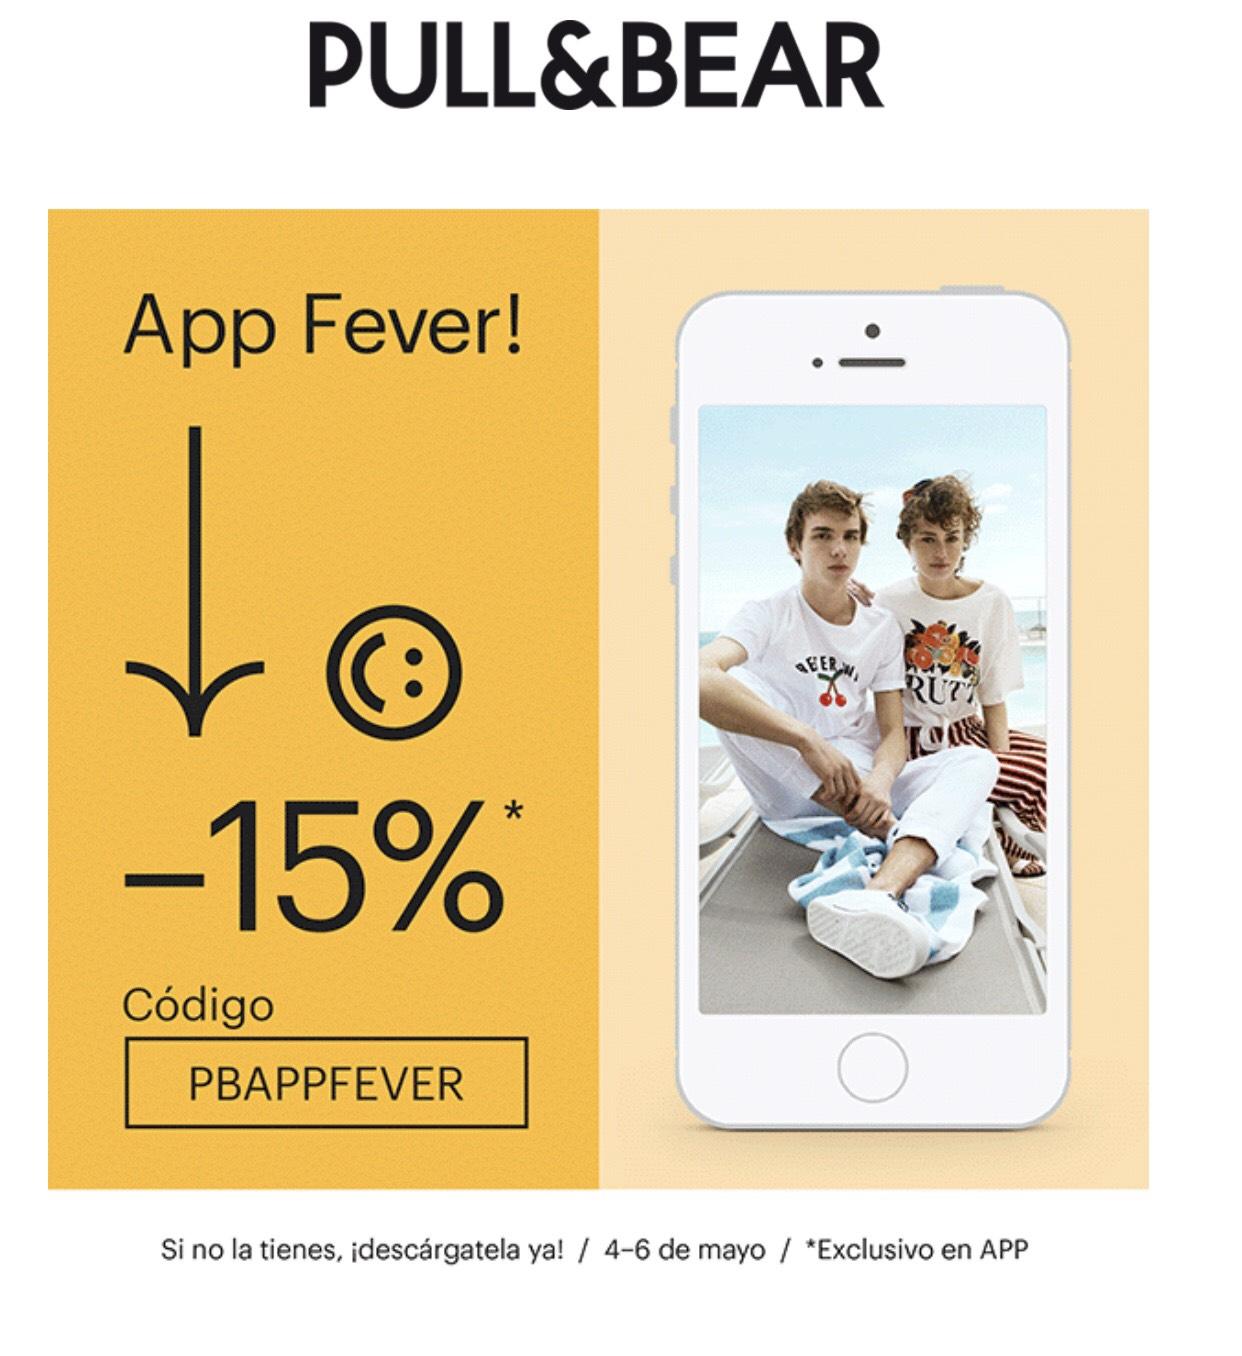 15% menos en Pull&Bear